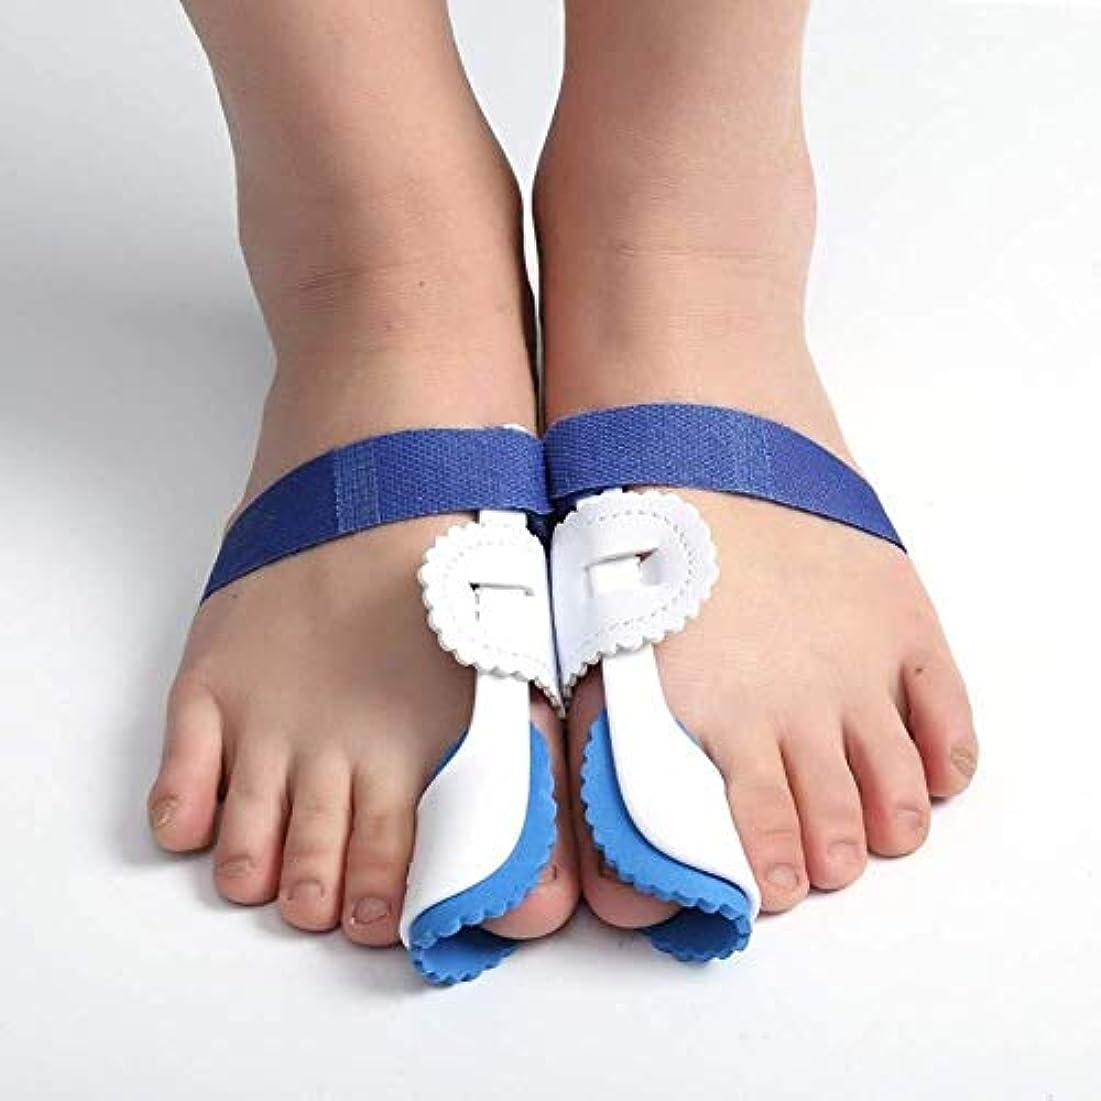 抑制するセクション寛大な外反母趾装具ブレース外反母趾-Adjustableベルクロ足ストレイテナーのために足の親指の装具の足プロテクター、